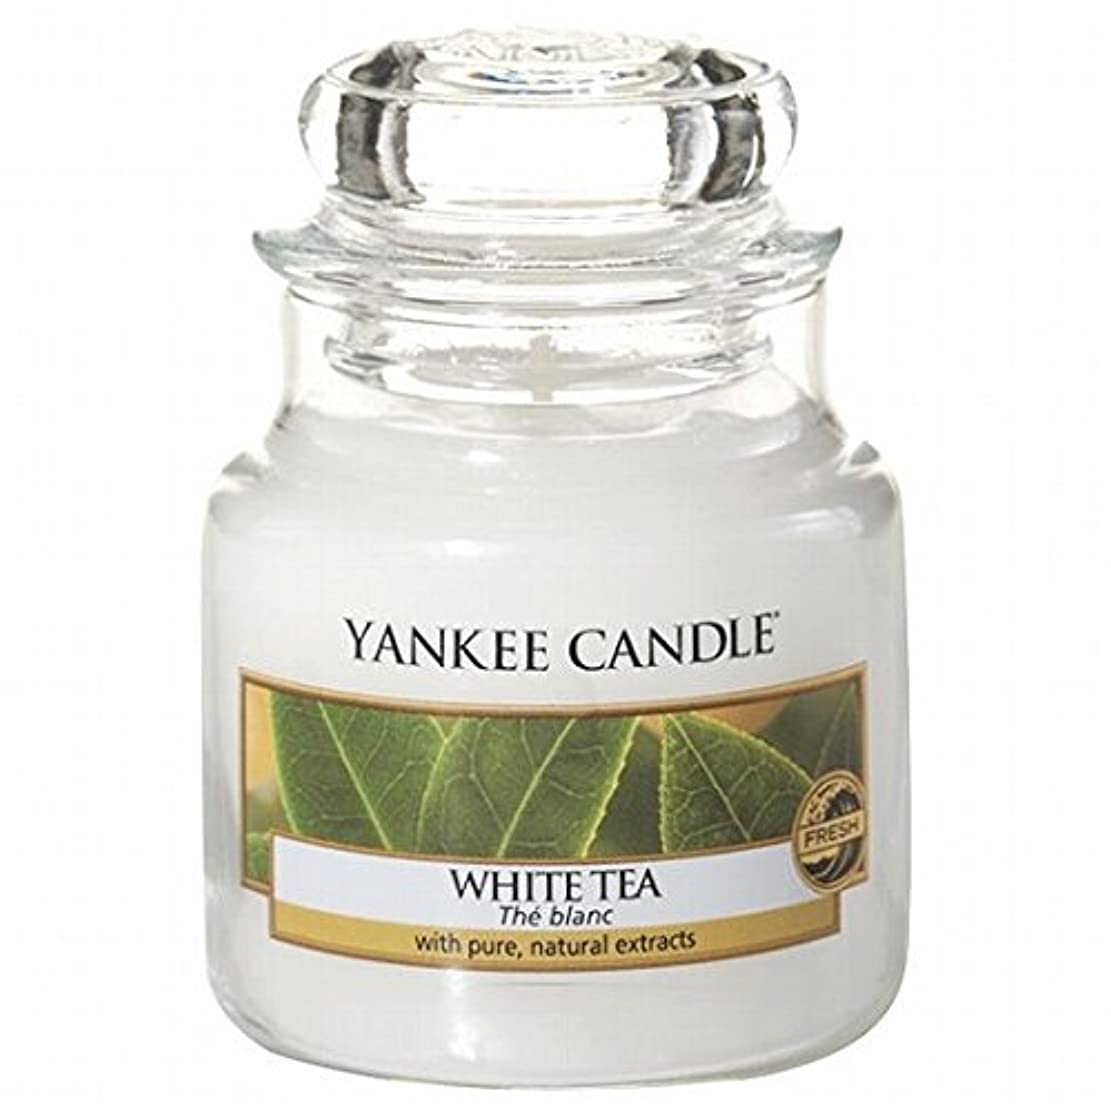 パネル葡萄すきヤンキーキャンドル(YANKEE CANDLE) YANKEE CANDLE ジャーS 「ホワイトティー」